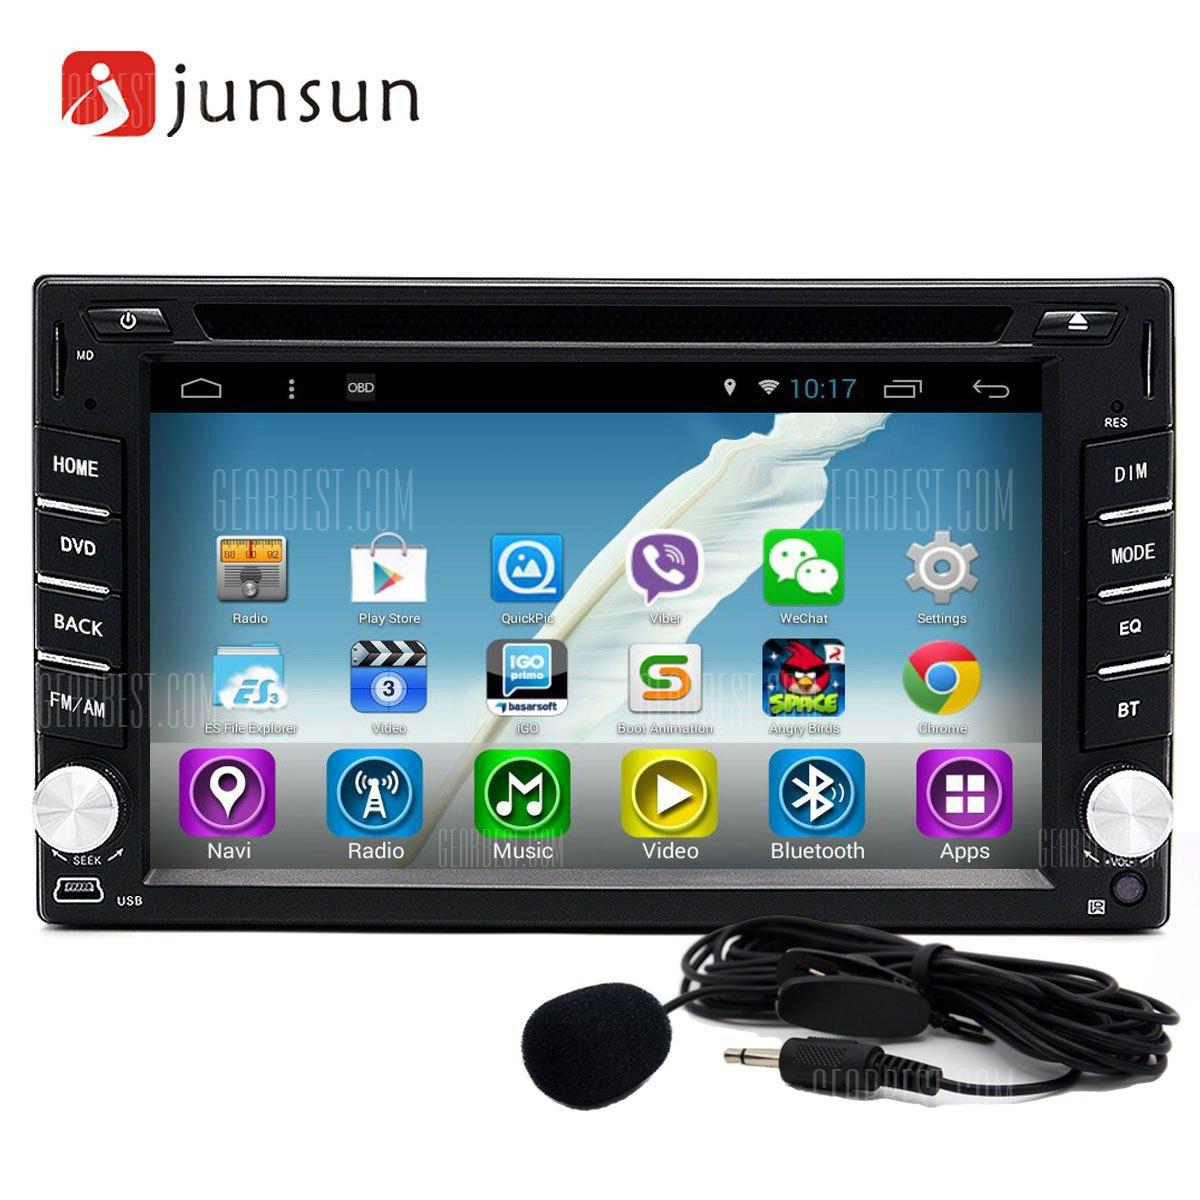 Junsun R166 Android 4.4 6.2 pulgadas Reproductor multimedia de DVD para el coche